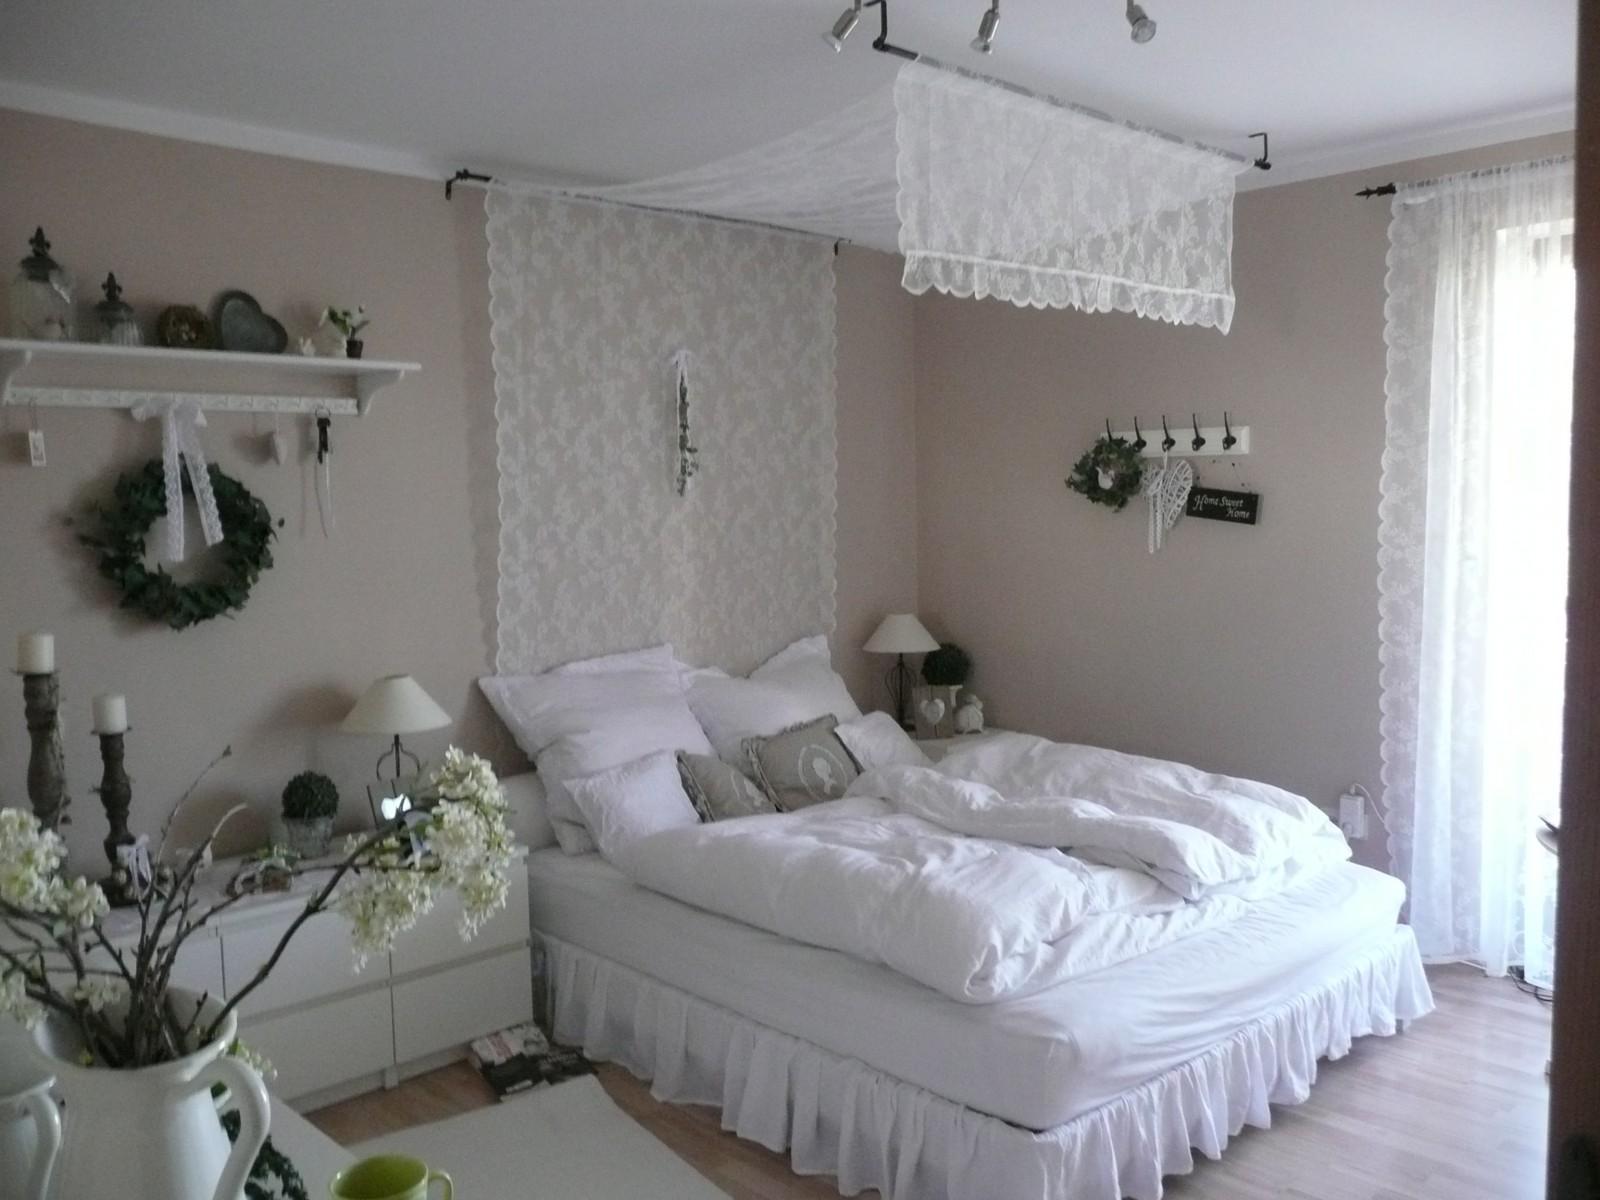 schlafzimmer ♥ heimathafen ♥ von puffelschnecke  31063